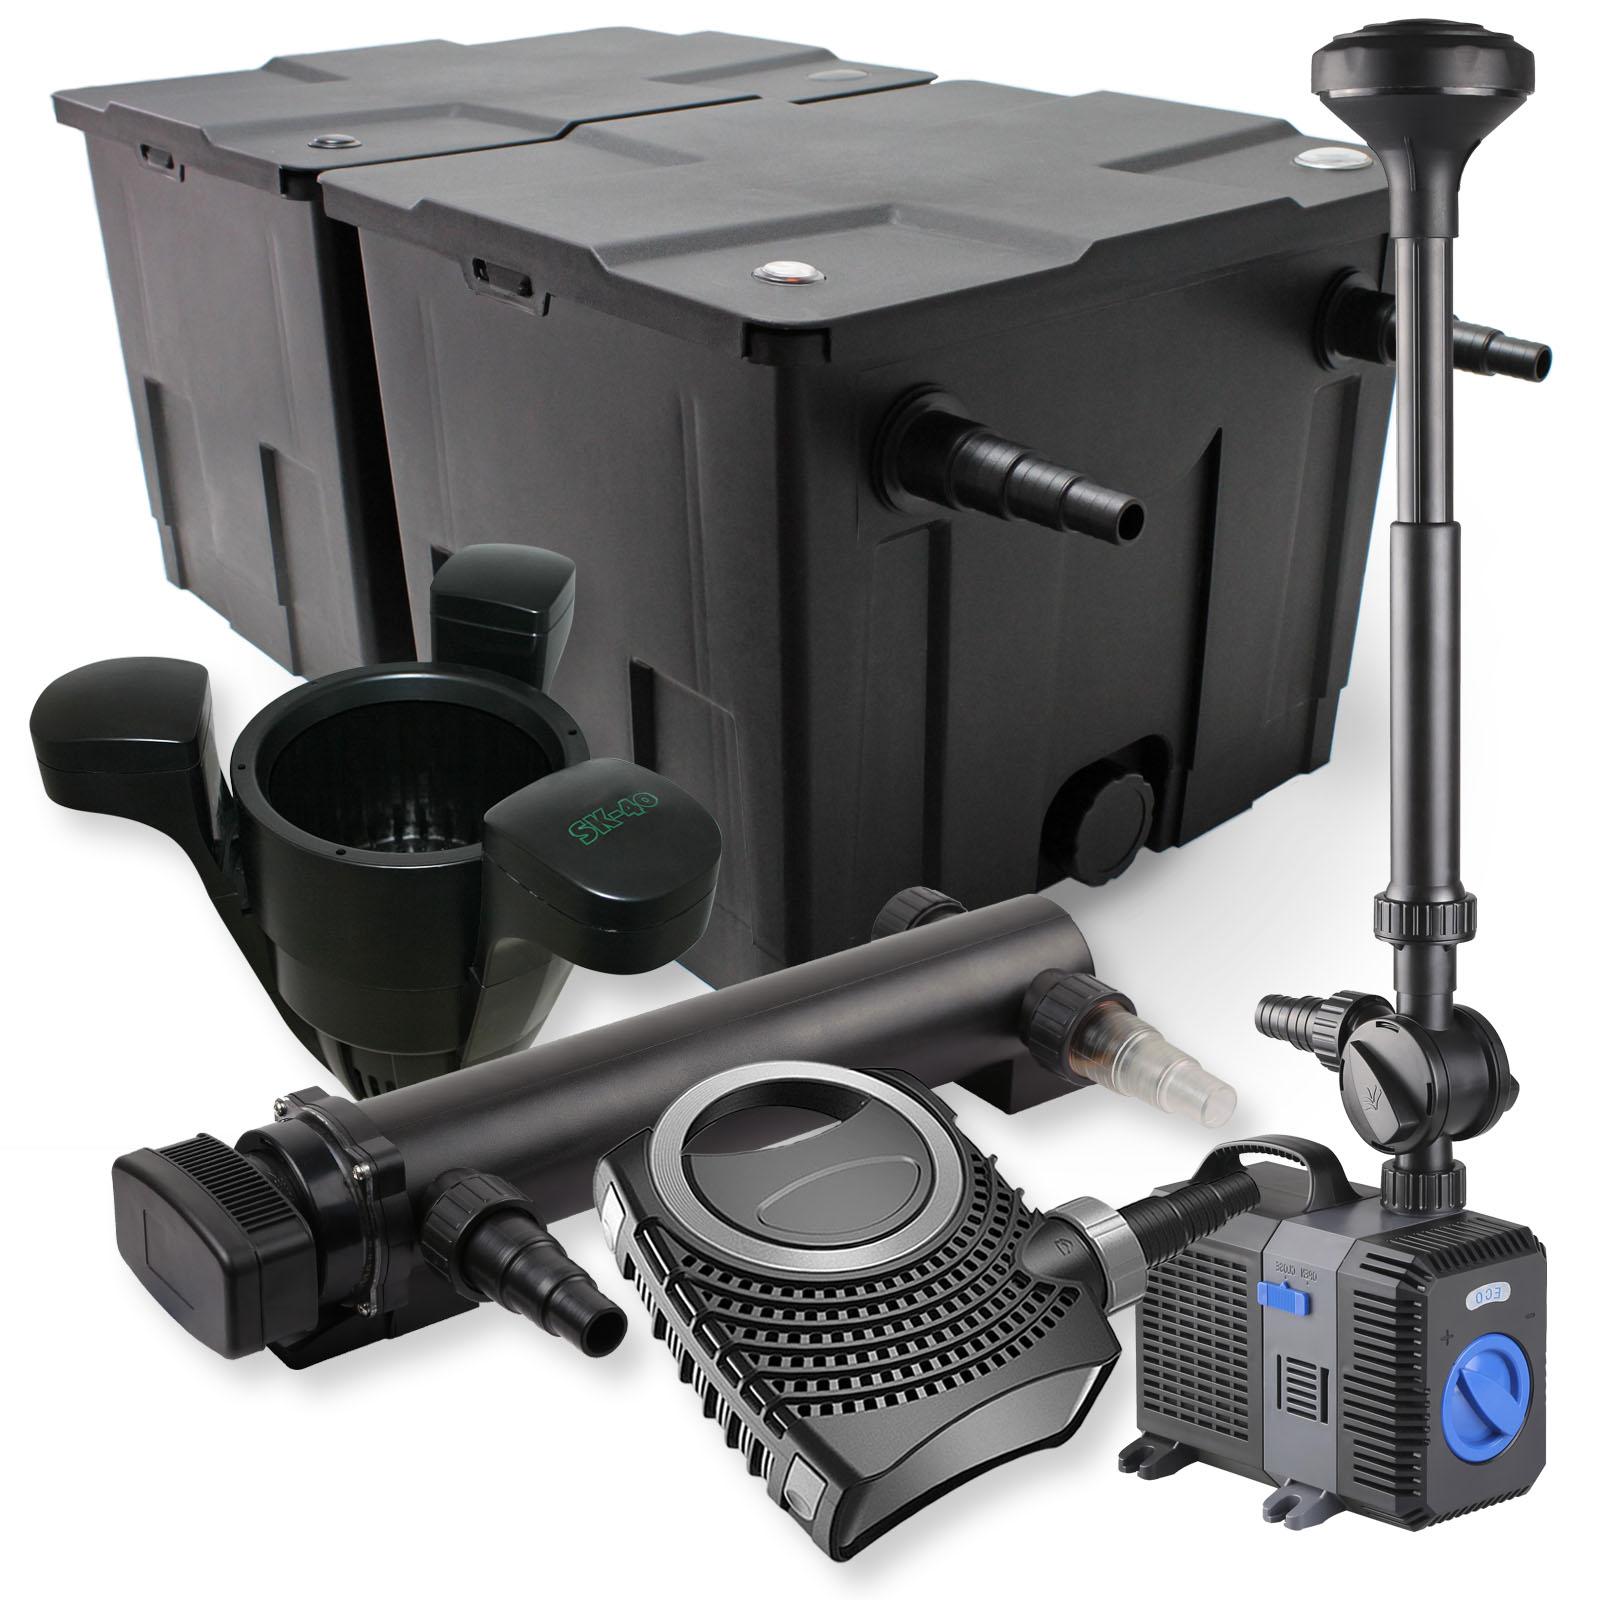 2 kammer filterset 60000l 36w uvc teich kl rer pumpe 70w springbrunnen skimmer ebay. Black Bedroom Furniture Sets. Home Design Ideas